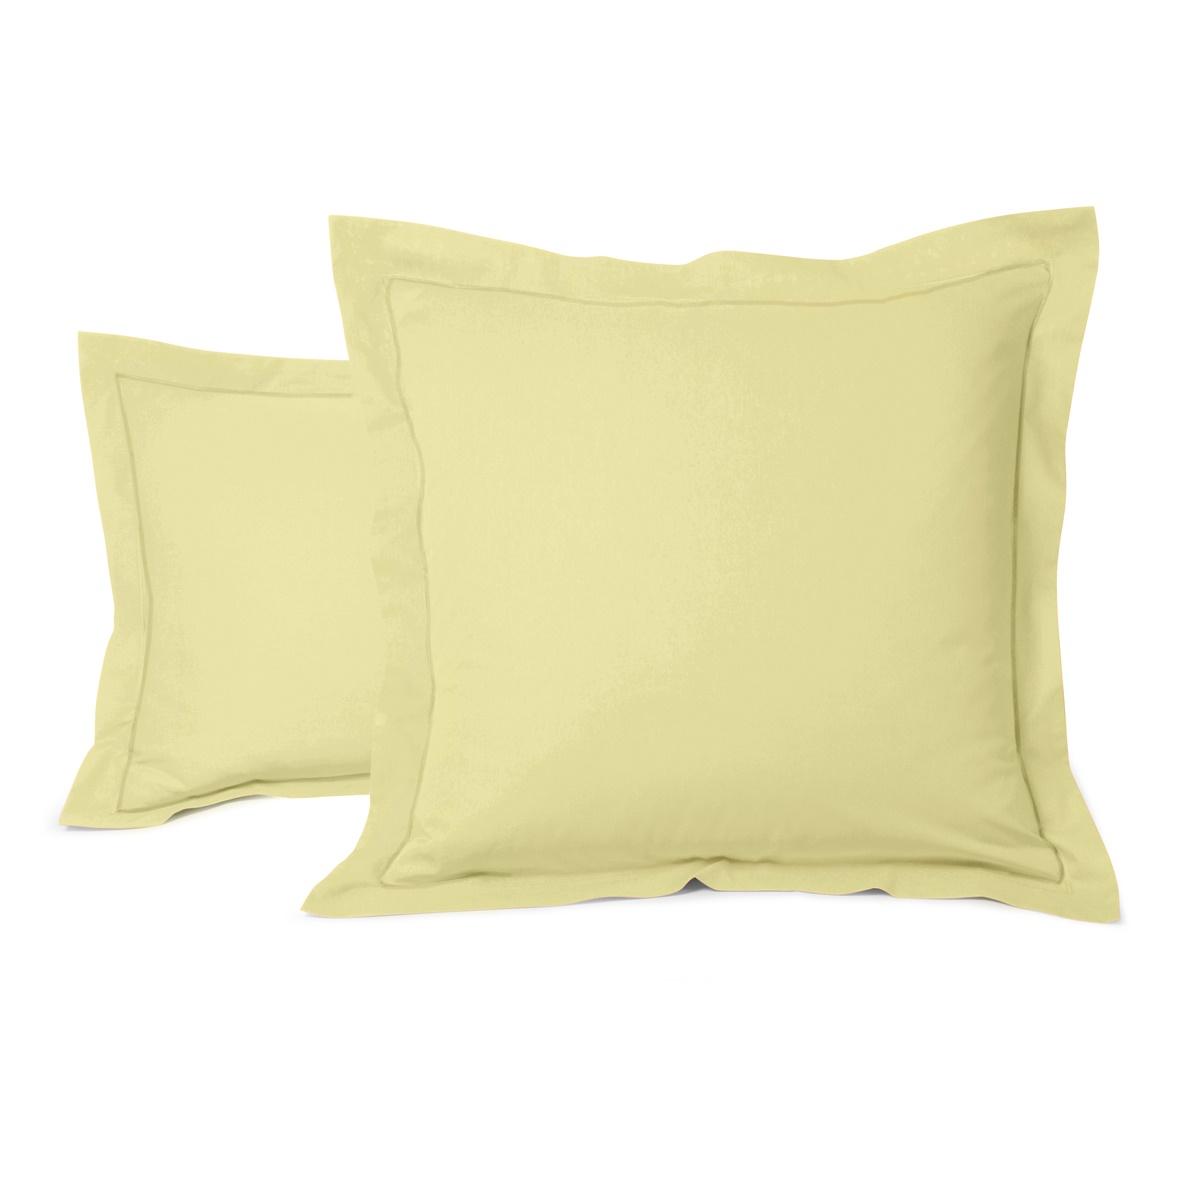 Cotton Pillow Cases ivory | Bed linen | Tradition des Vosges